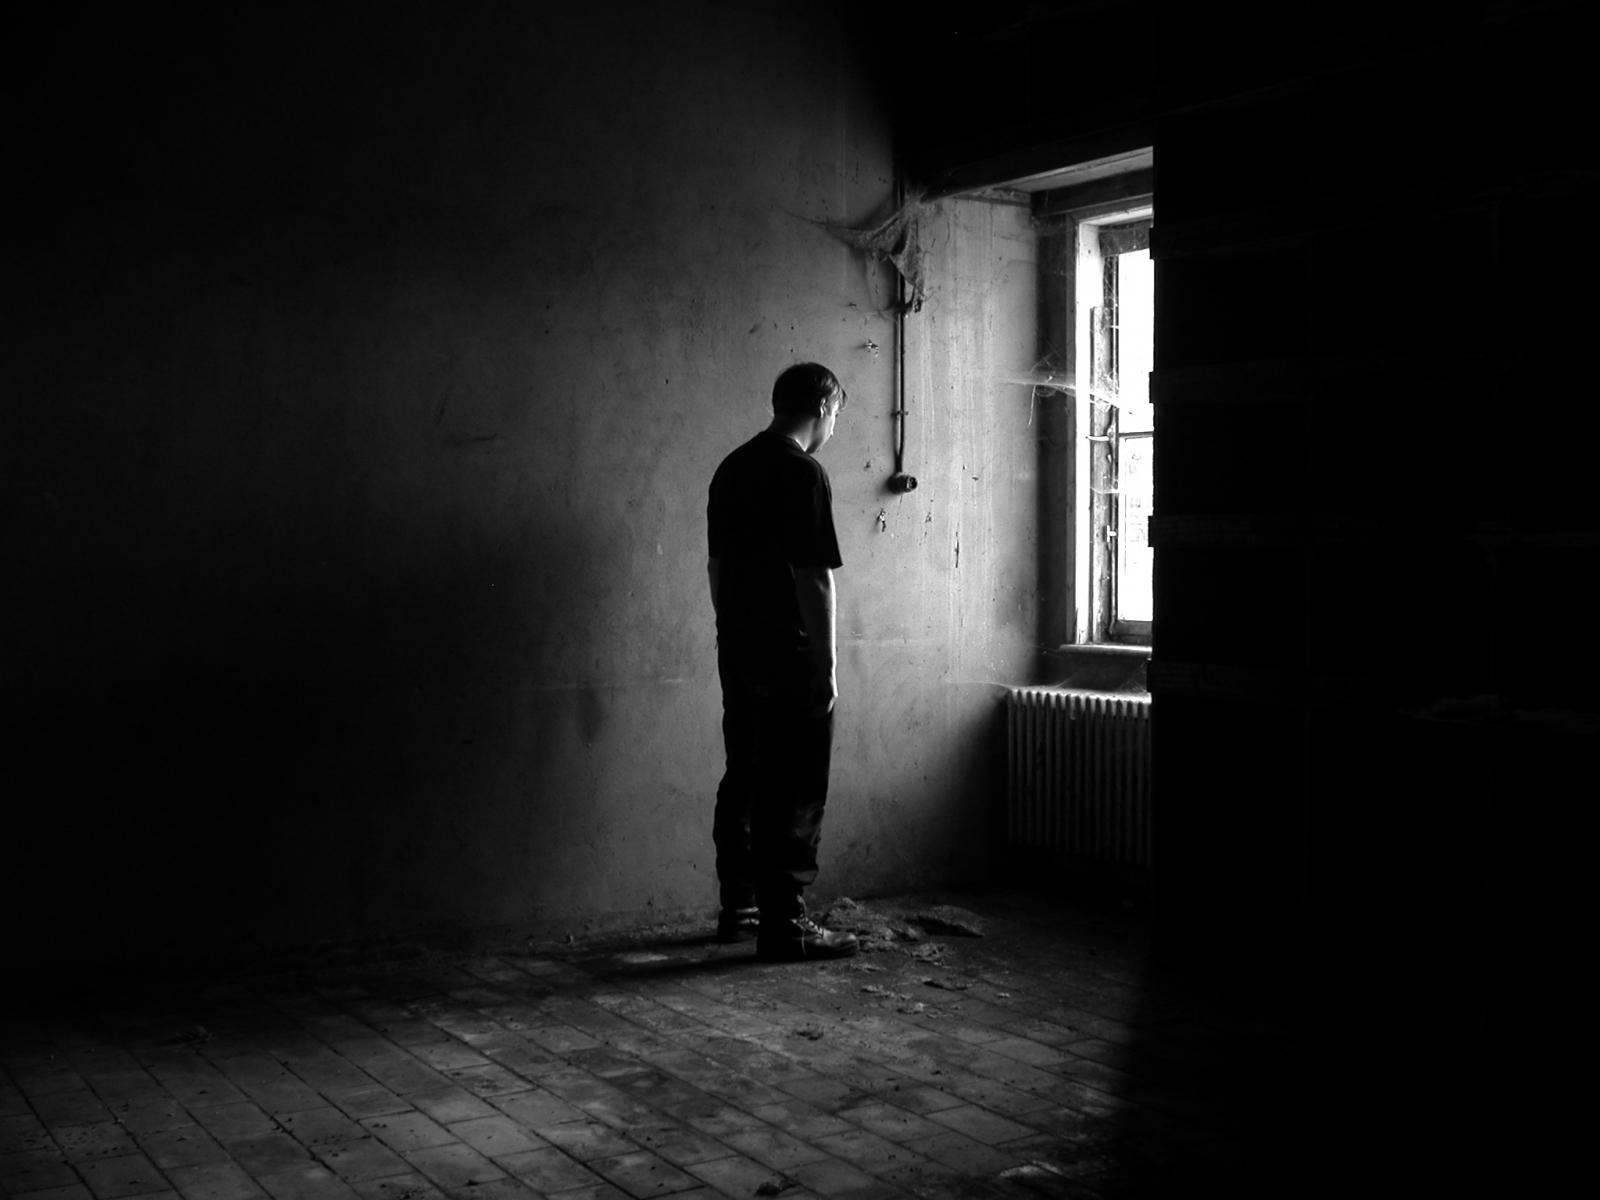 Absuelto un hombre que asfixió a su mujer, por la aplicación de la eximente de enajenación mental. #CompartirConocimiento